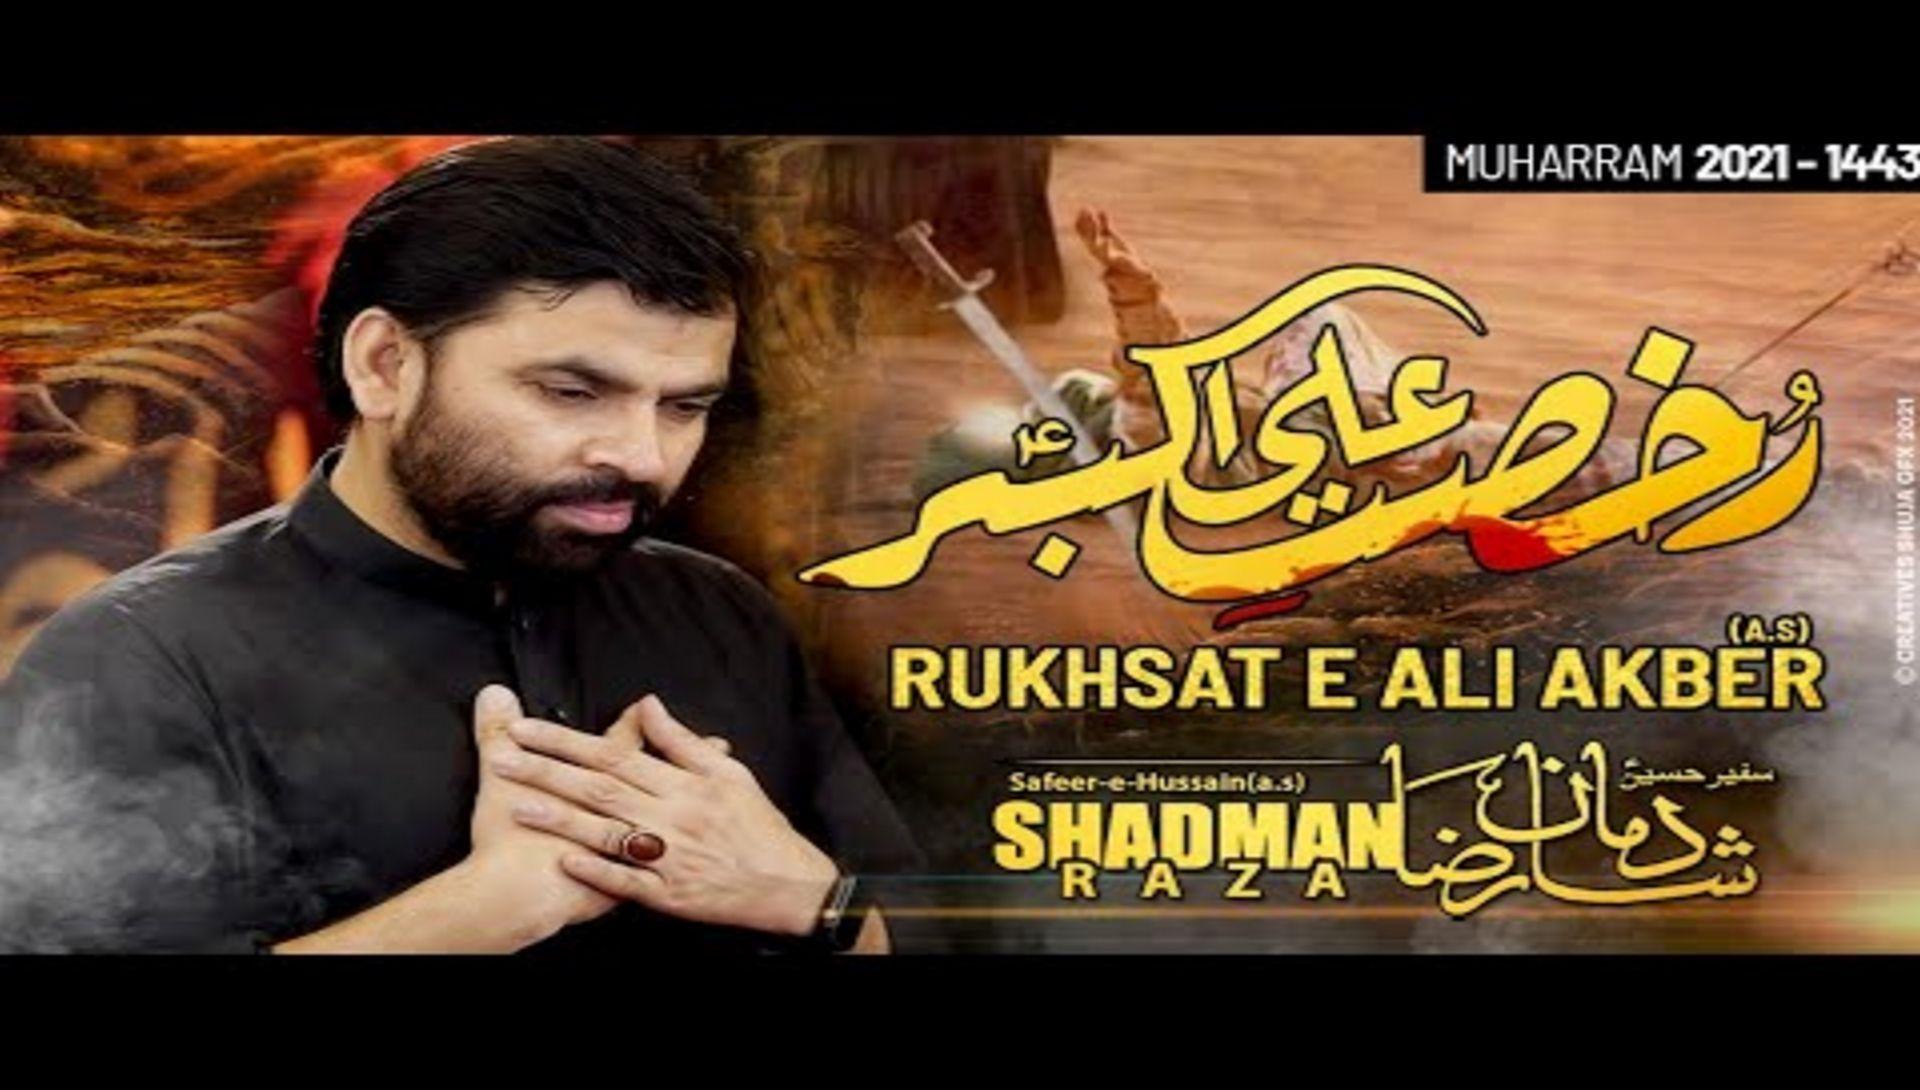 Rukhsat E Ali Akber (A.S) | Shadman Raza Naqvi New Nohay 2021 | New Nohay 1443-2021 Ayame Aza